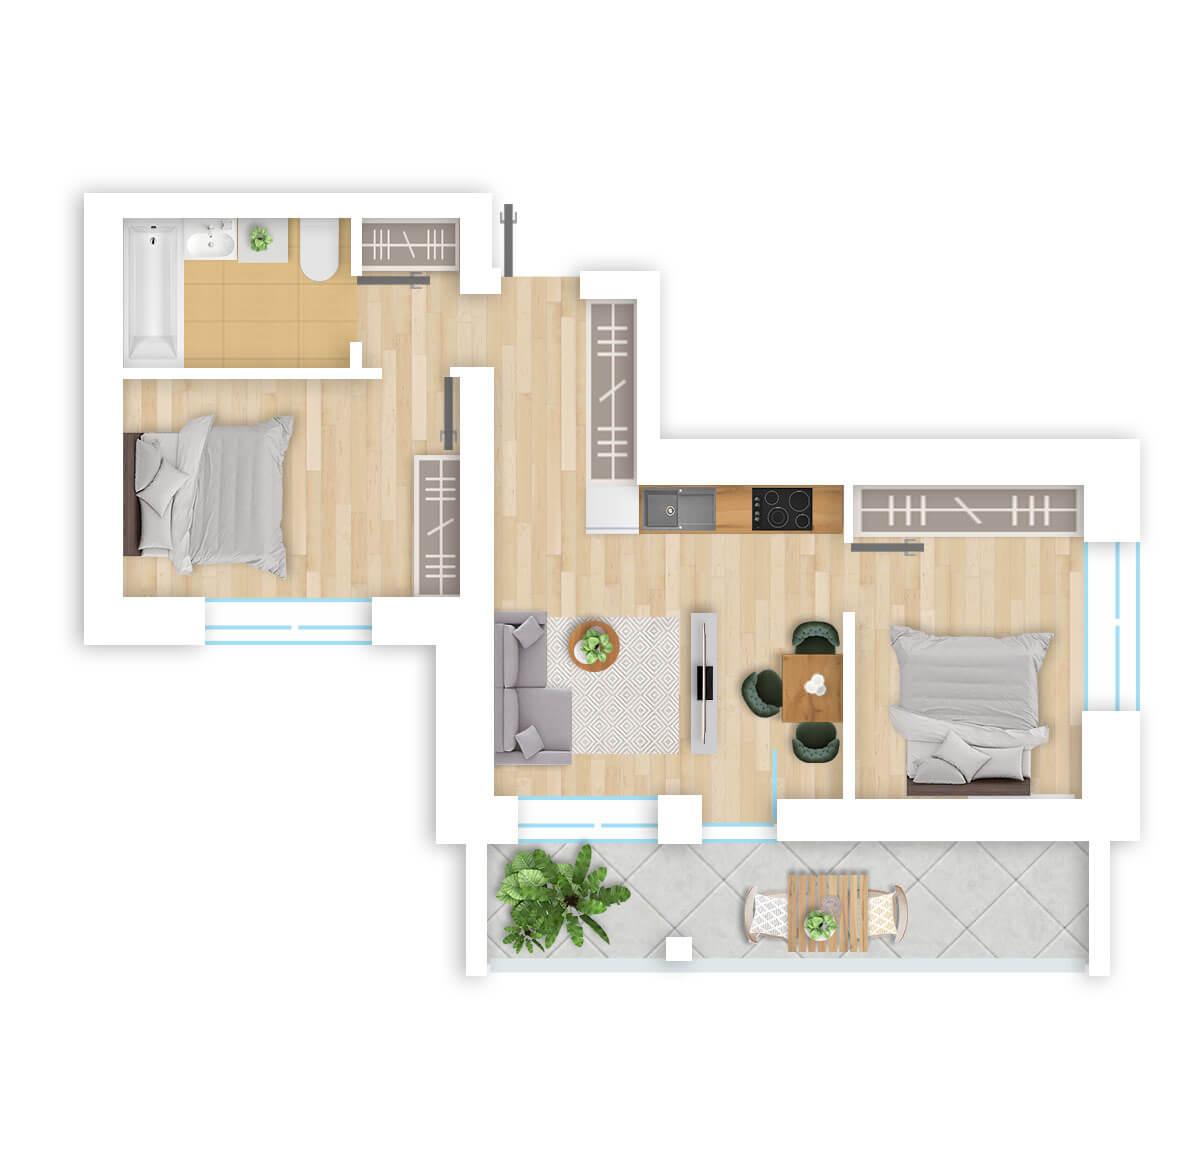 parduodamas butas Lazdynėlių g. 16B - 16 Vilniuje, buto 3D vaizdas